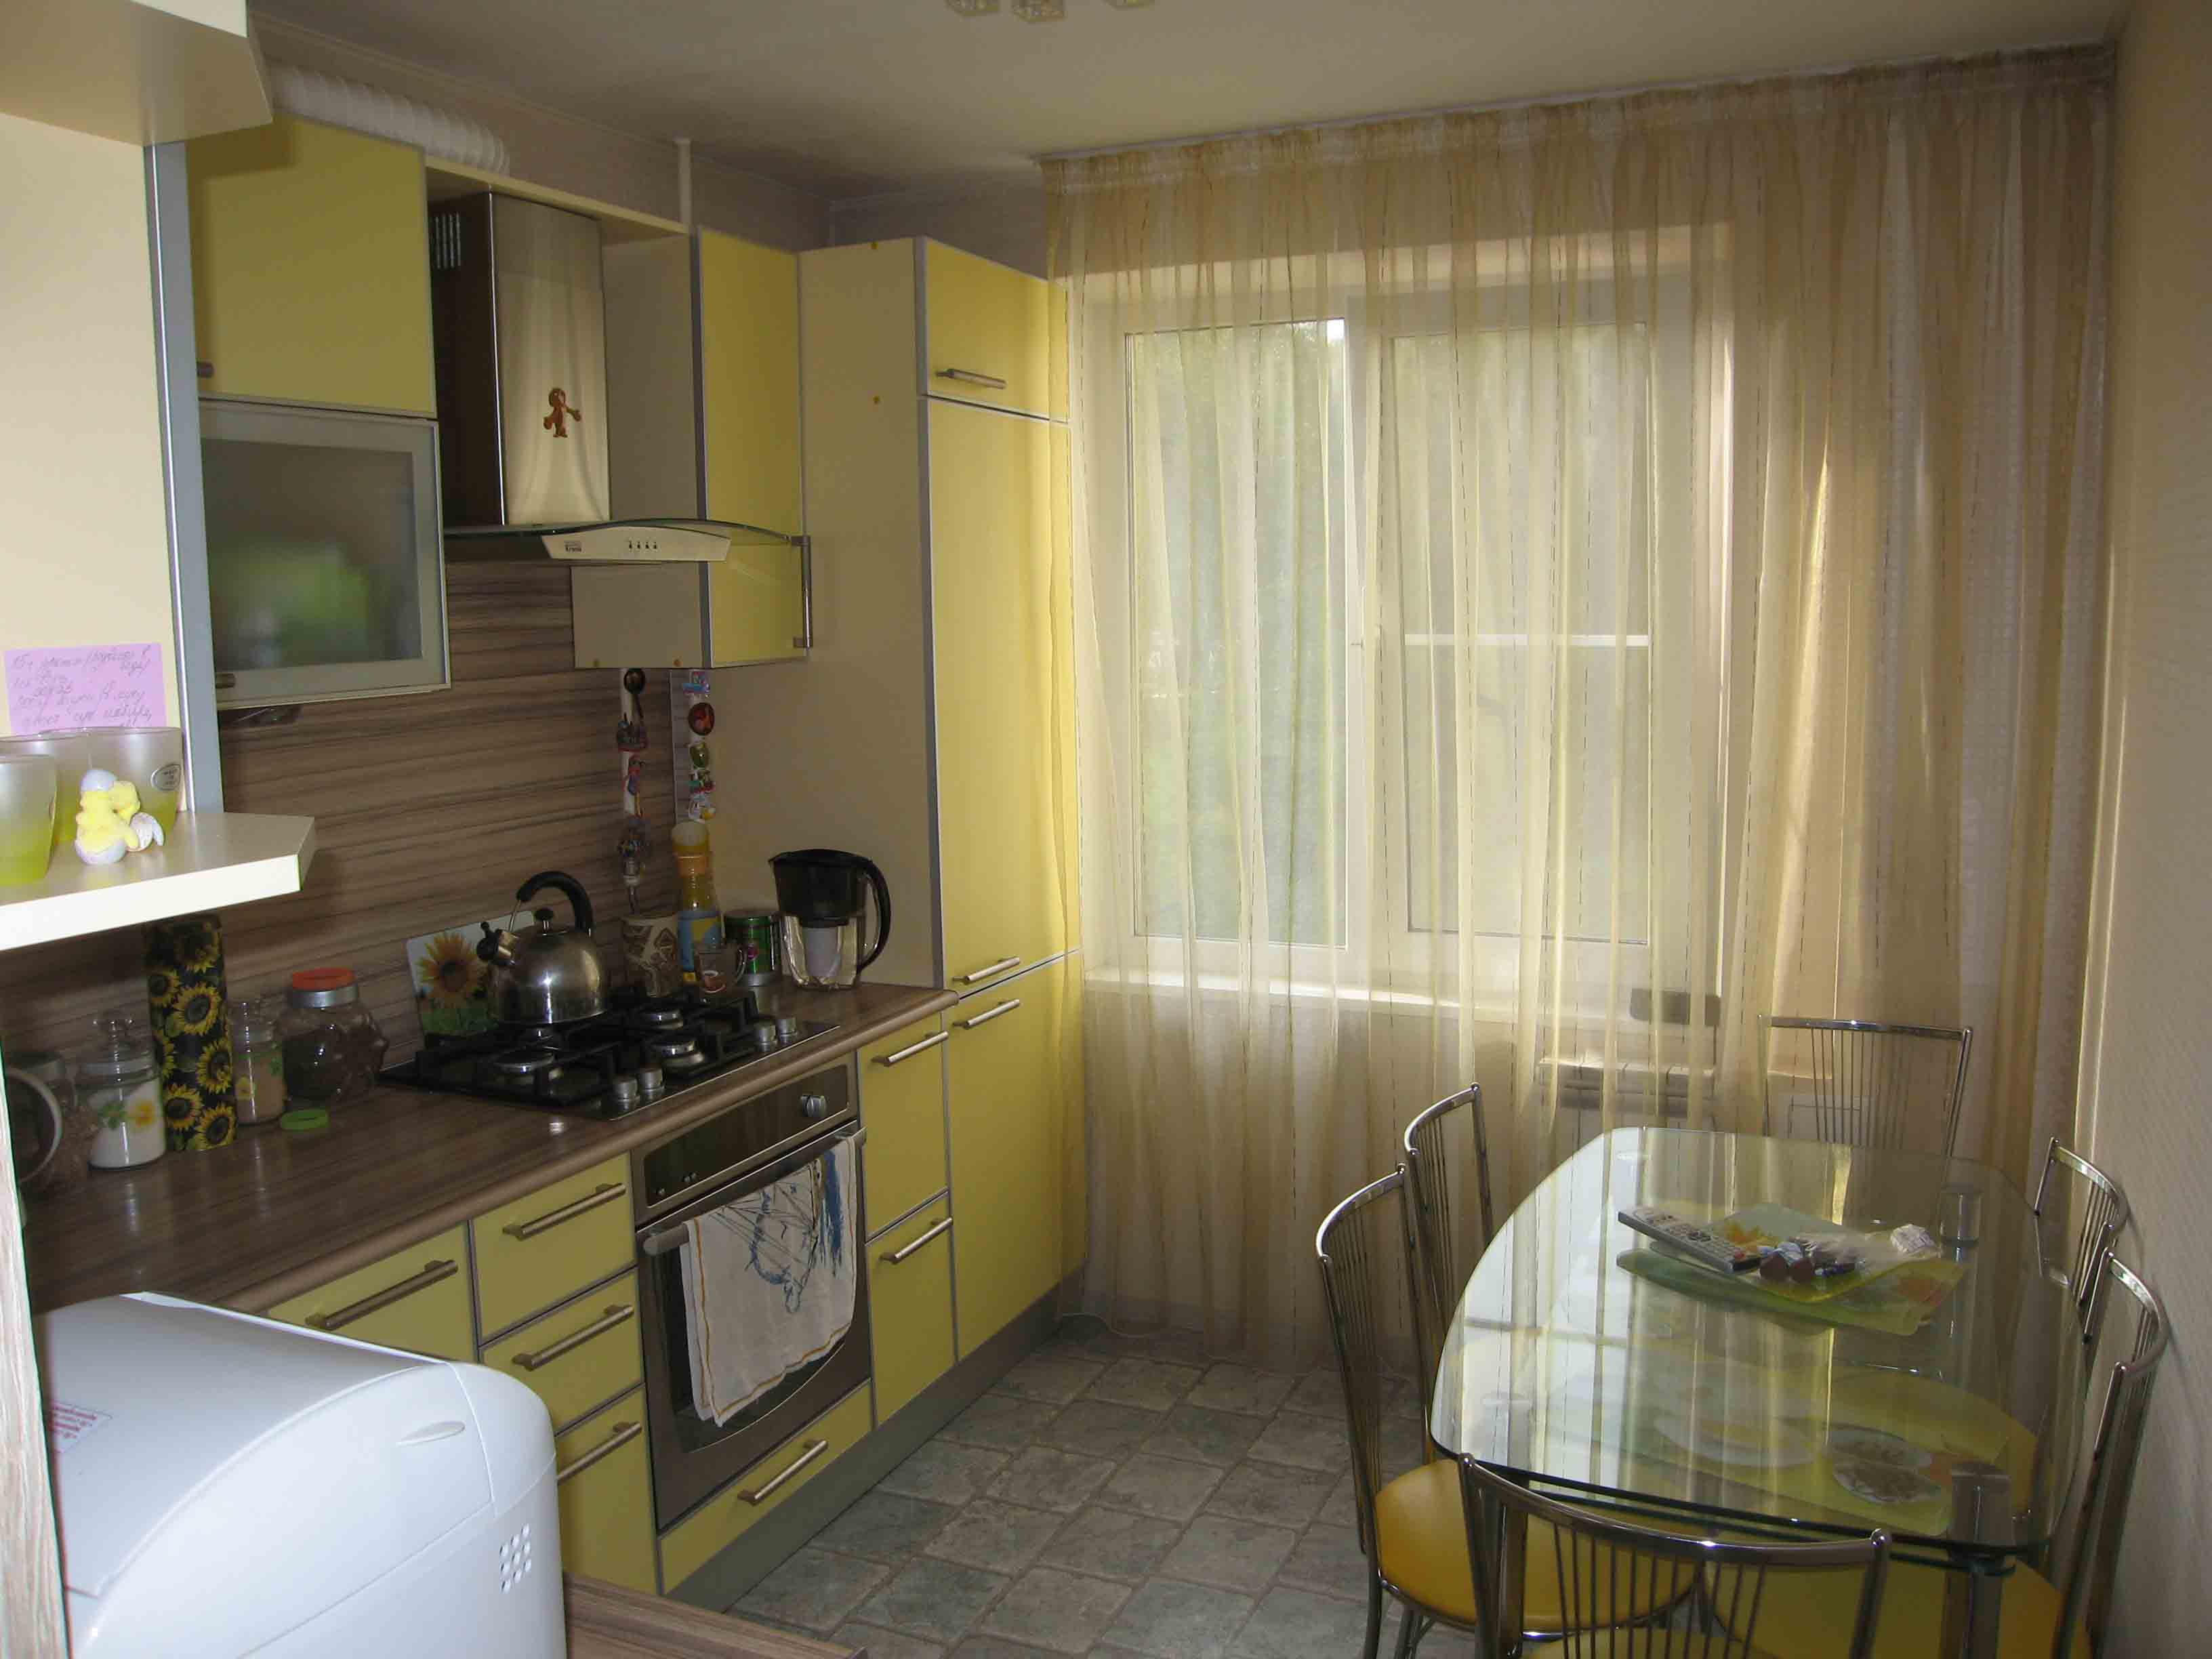 Дизайн маленьких кухонь в квартире фото